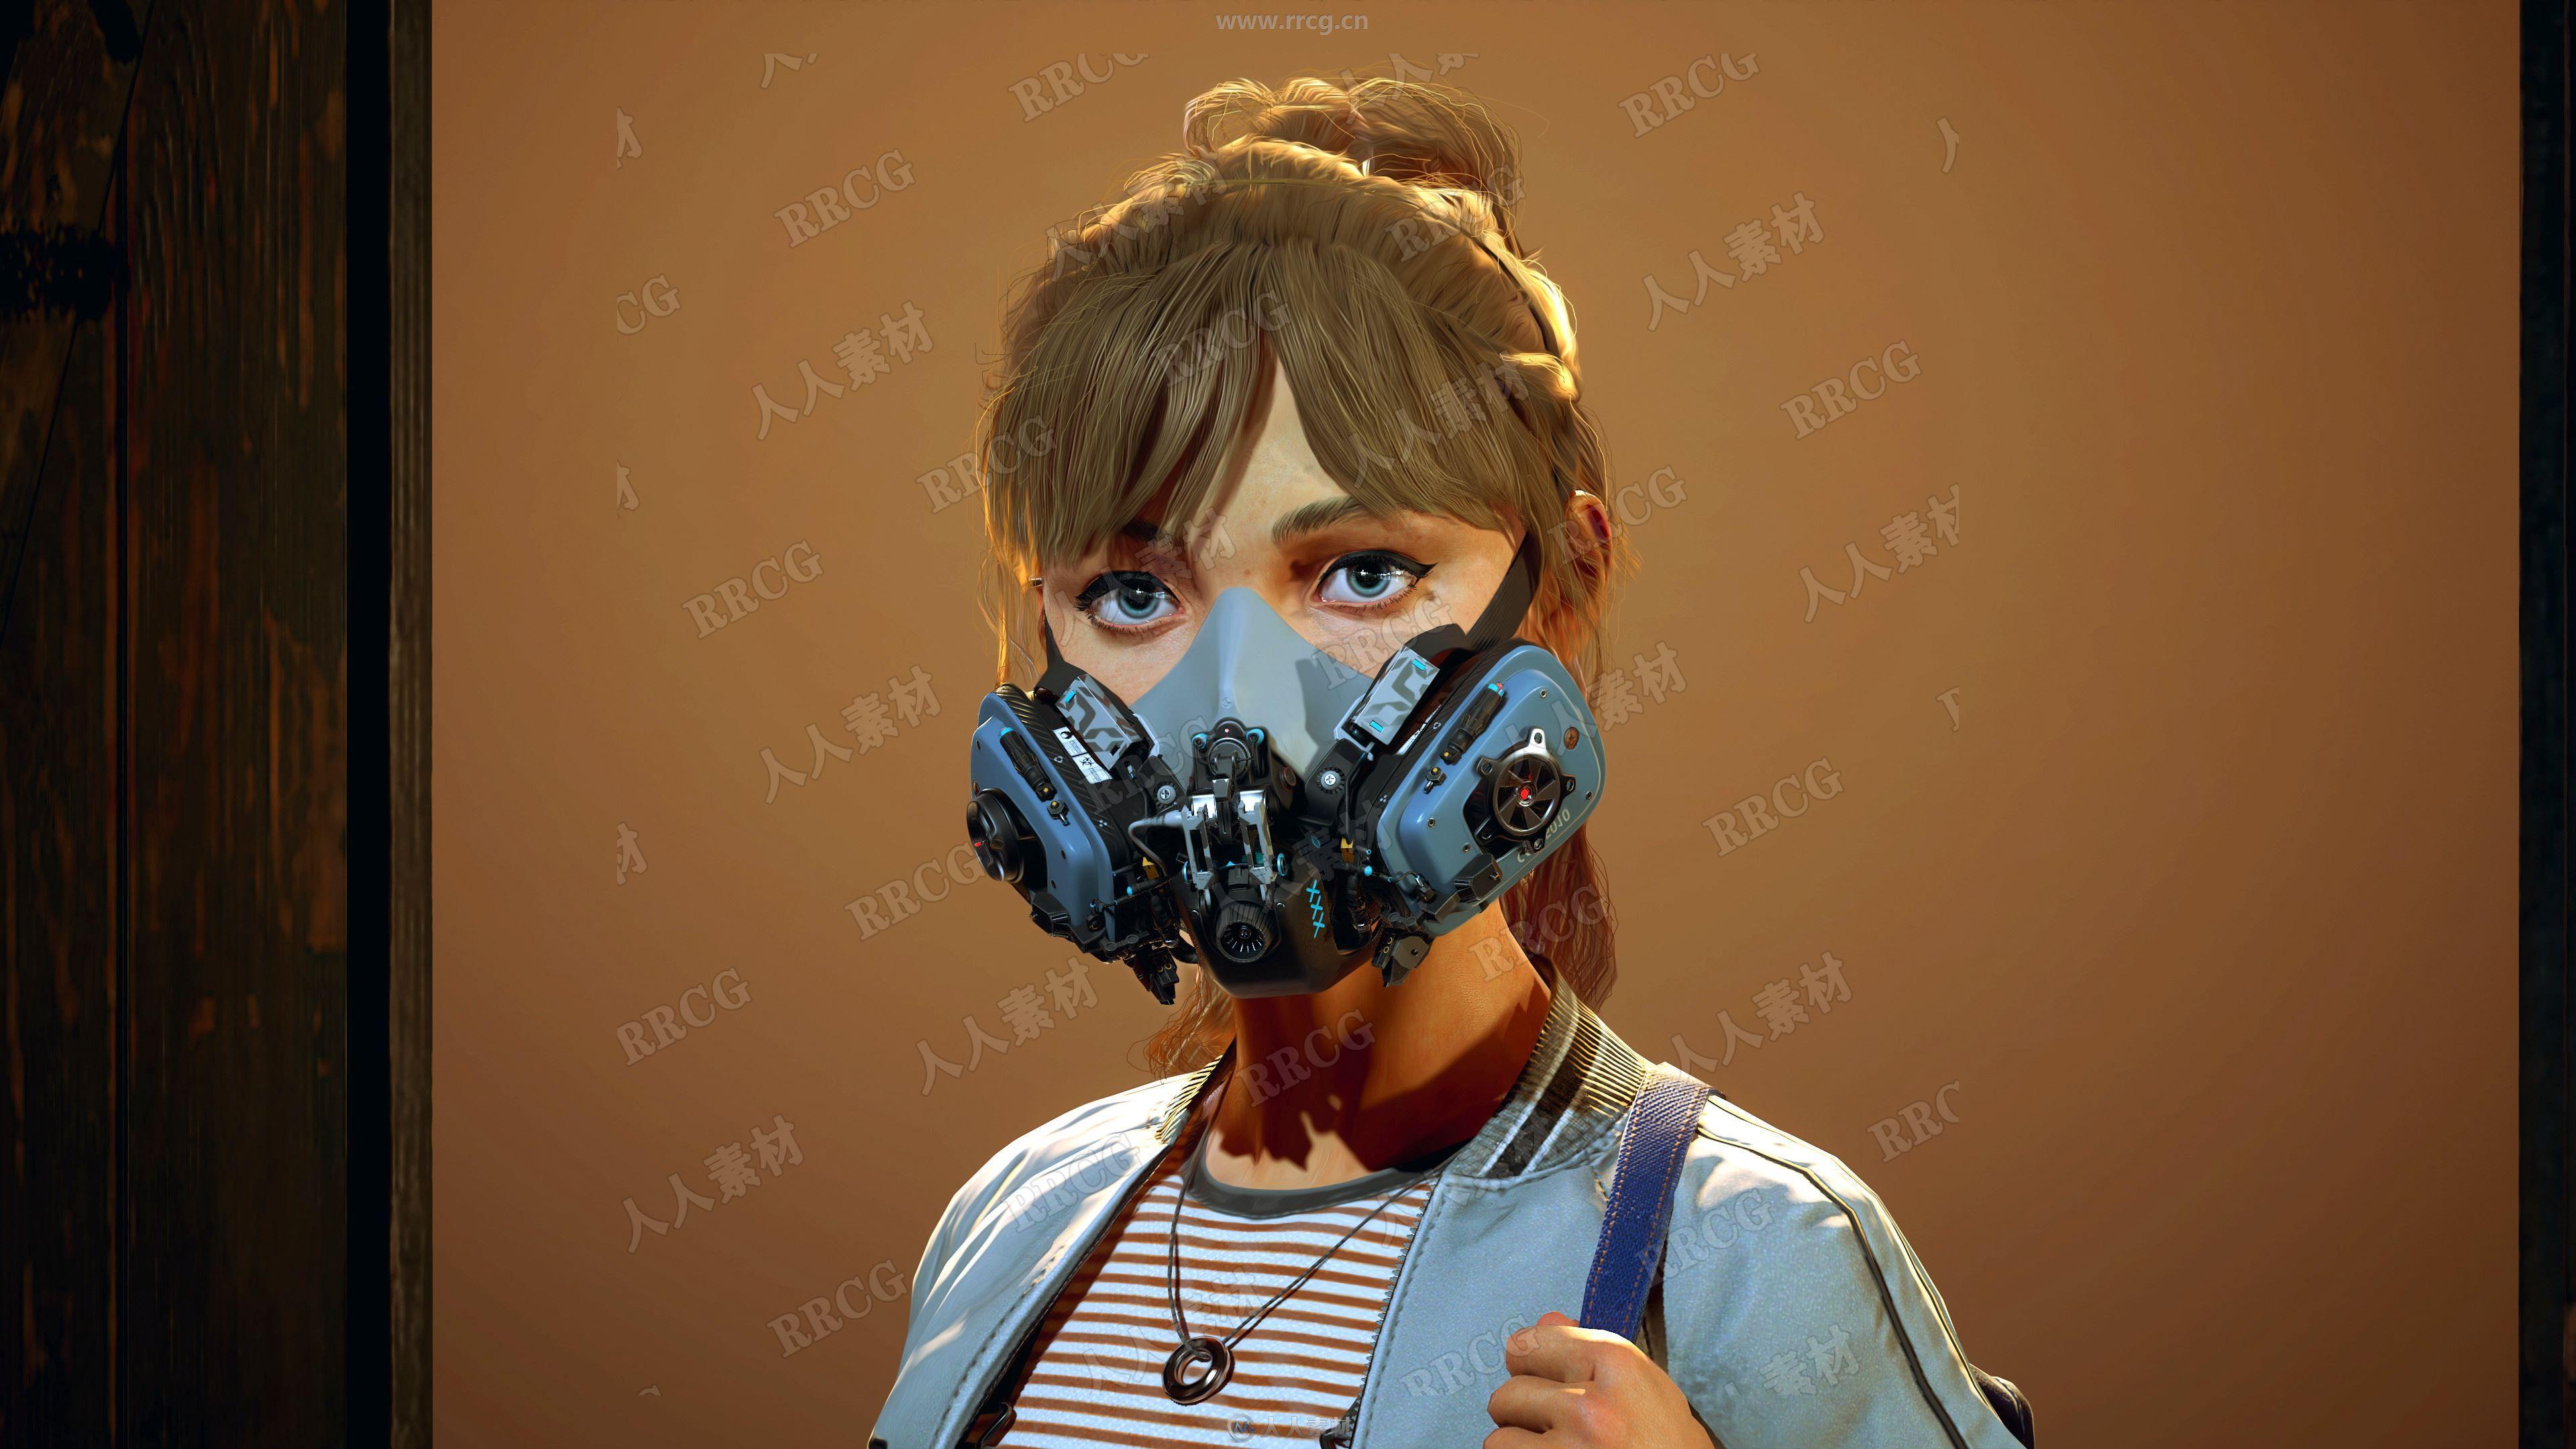 超精致新冠病毒防护女孩高质量3D模型